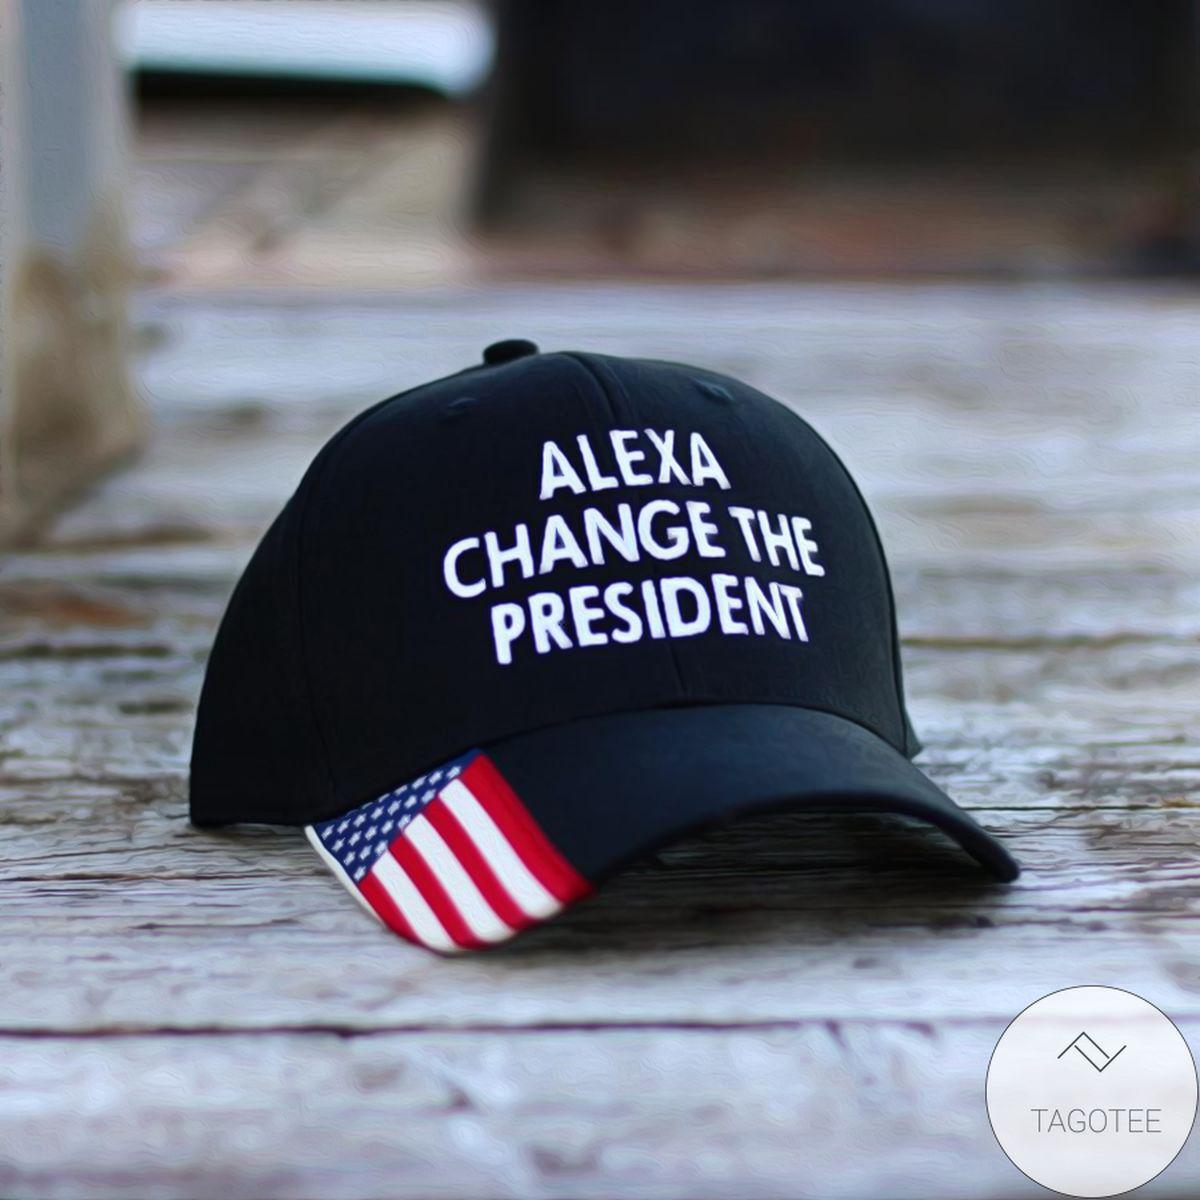 Alexa Change The President Cap